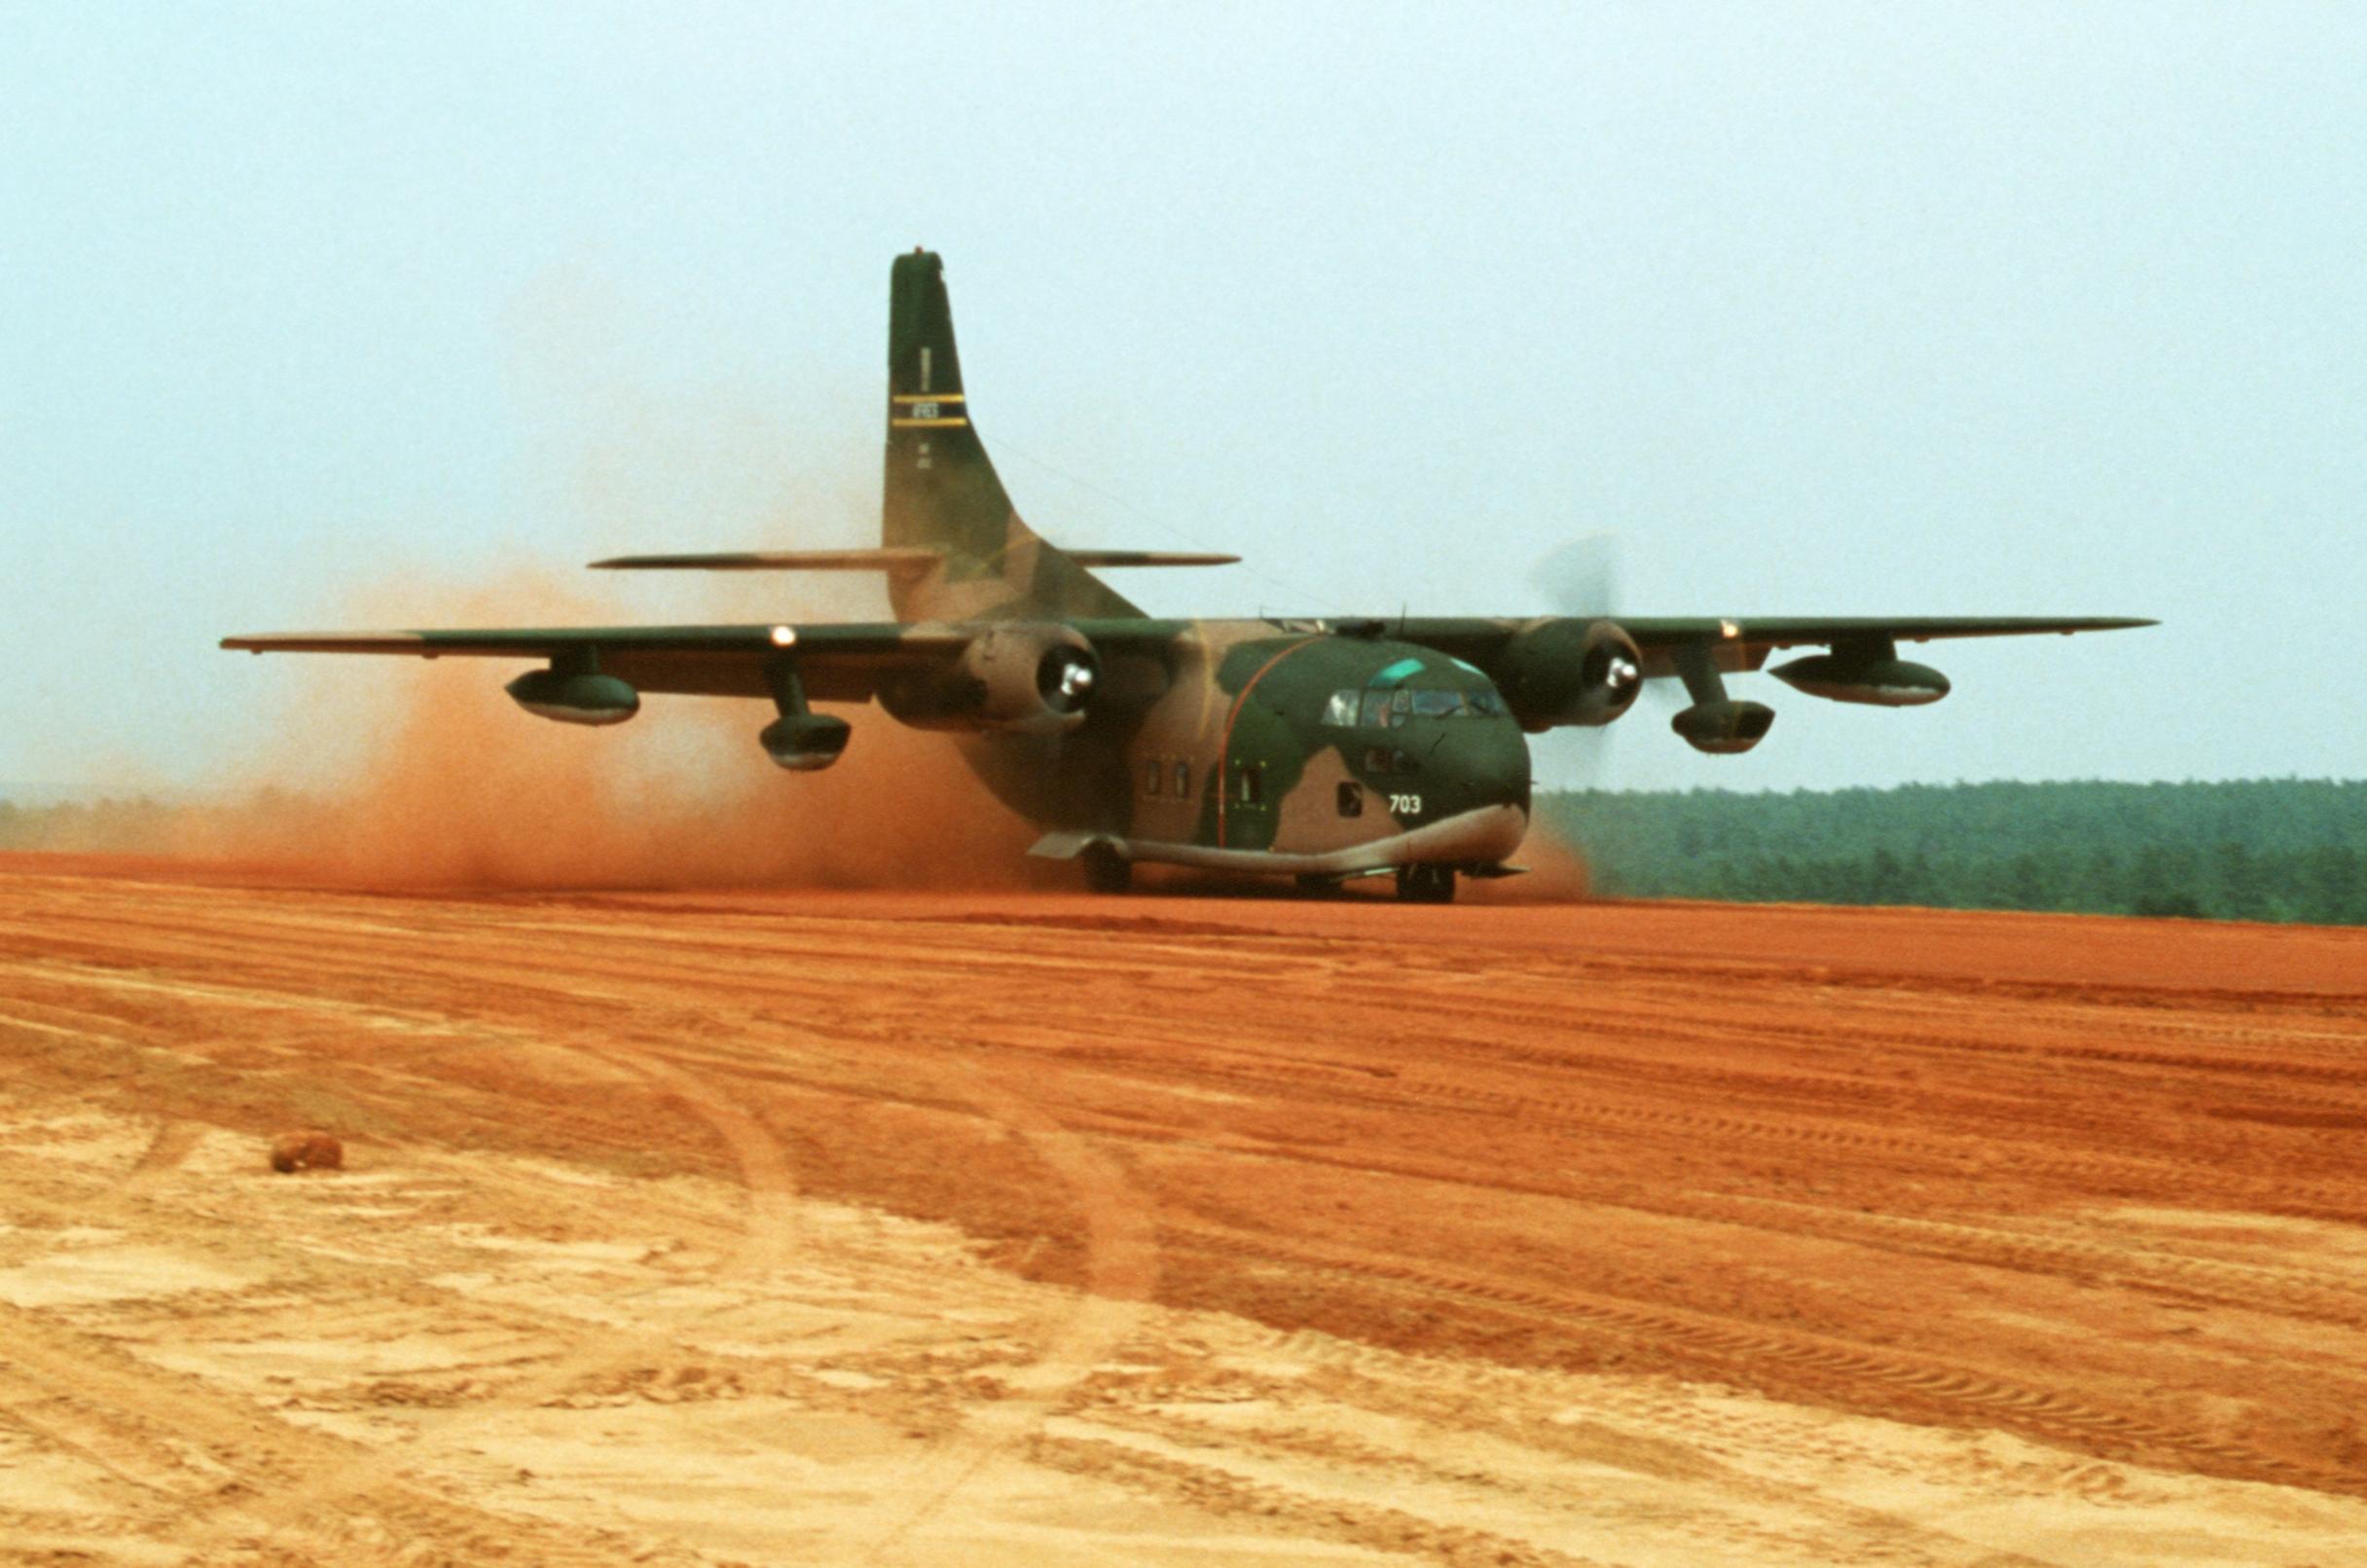 Un C-123K aterrizando durante unas maniobras de la USAF a finales de los 70. Los turborreactores Pratt & Whitney iban alojados bajos las alas. Es ilustrativa esta foto mostrando la capacidad del Provider para operar en pistas no preparadas